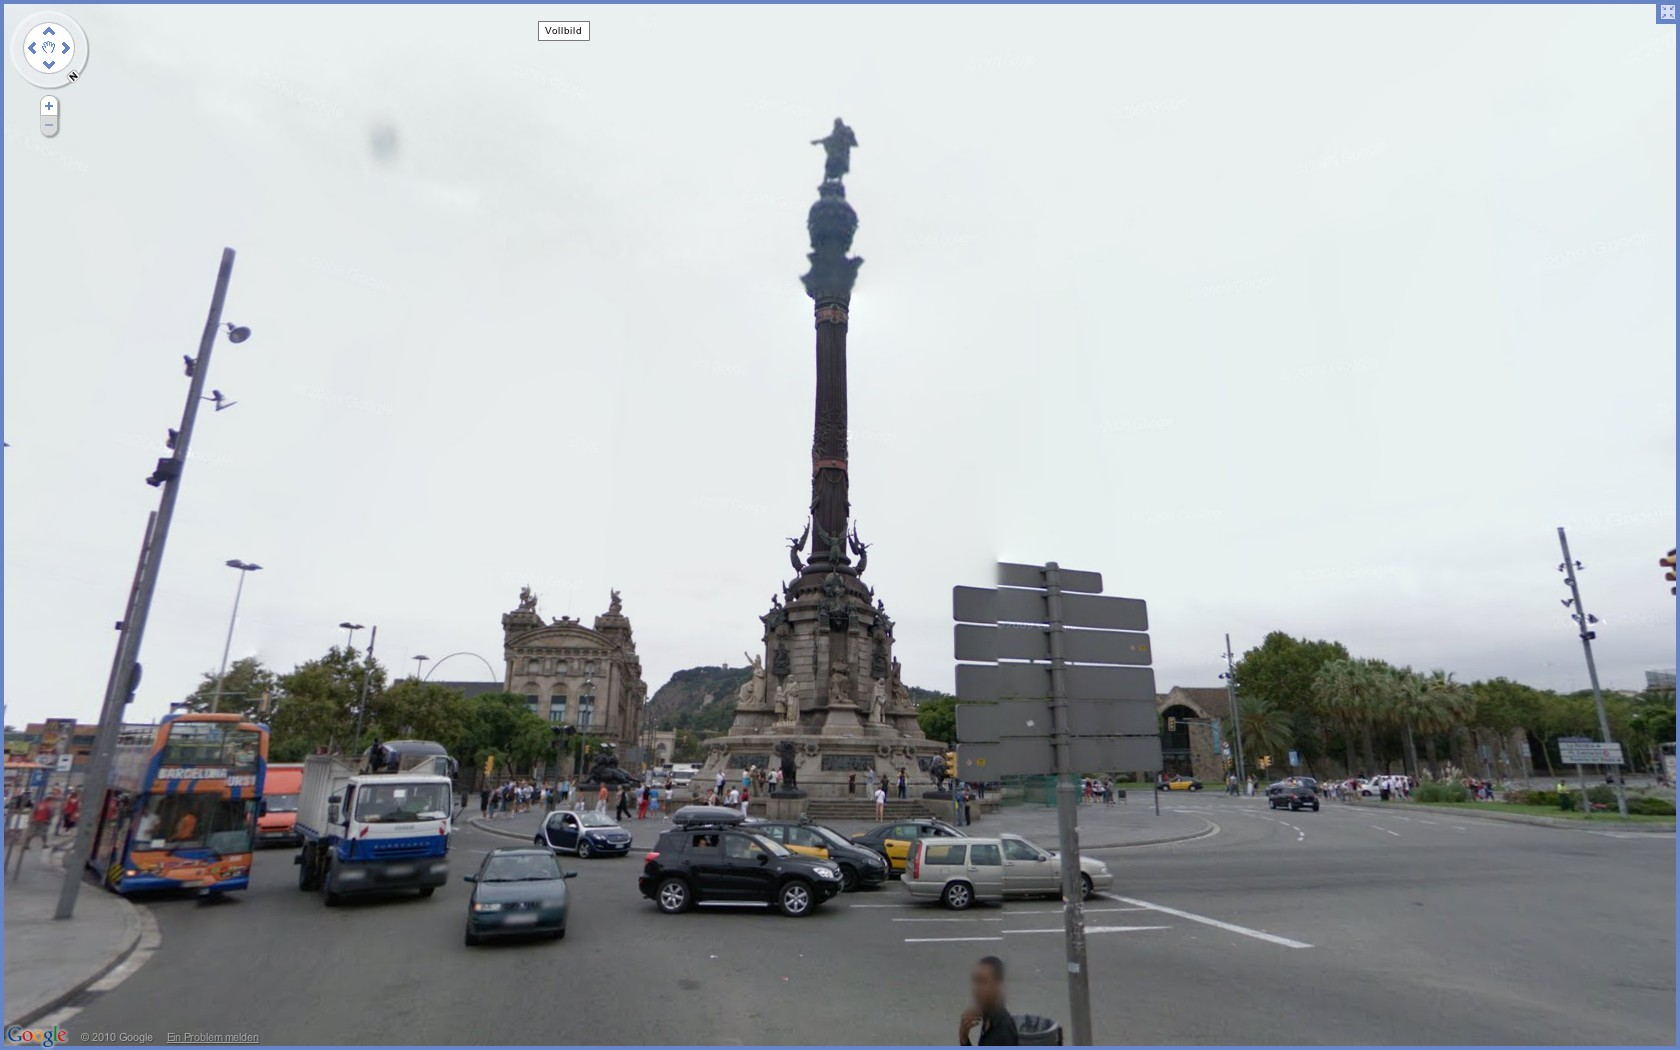 Street View: Das eigene Haus kann ab sofort verpixelt werden - Google Street View: Mirador de Colom in Barcelona